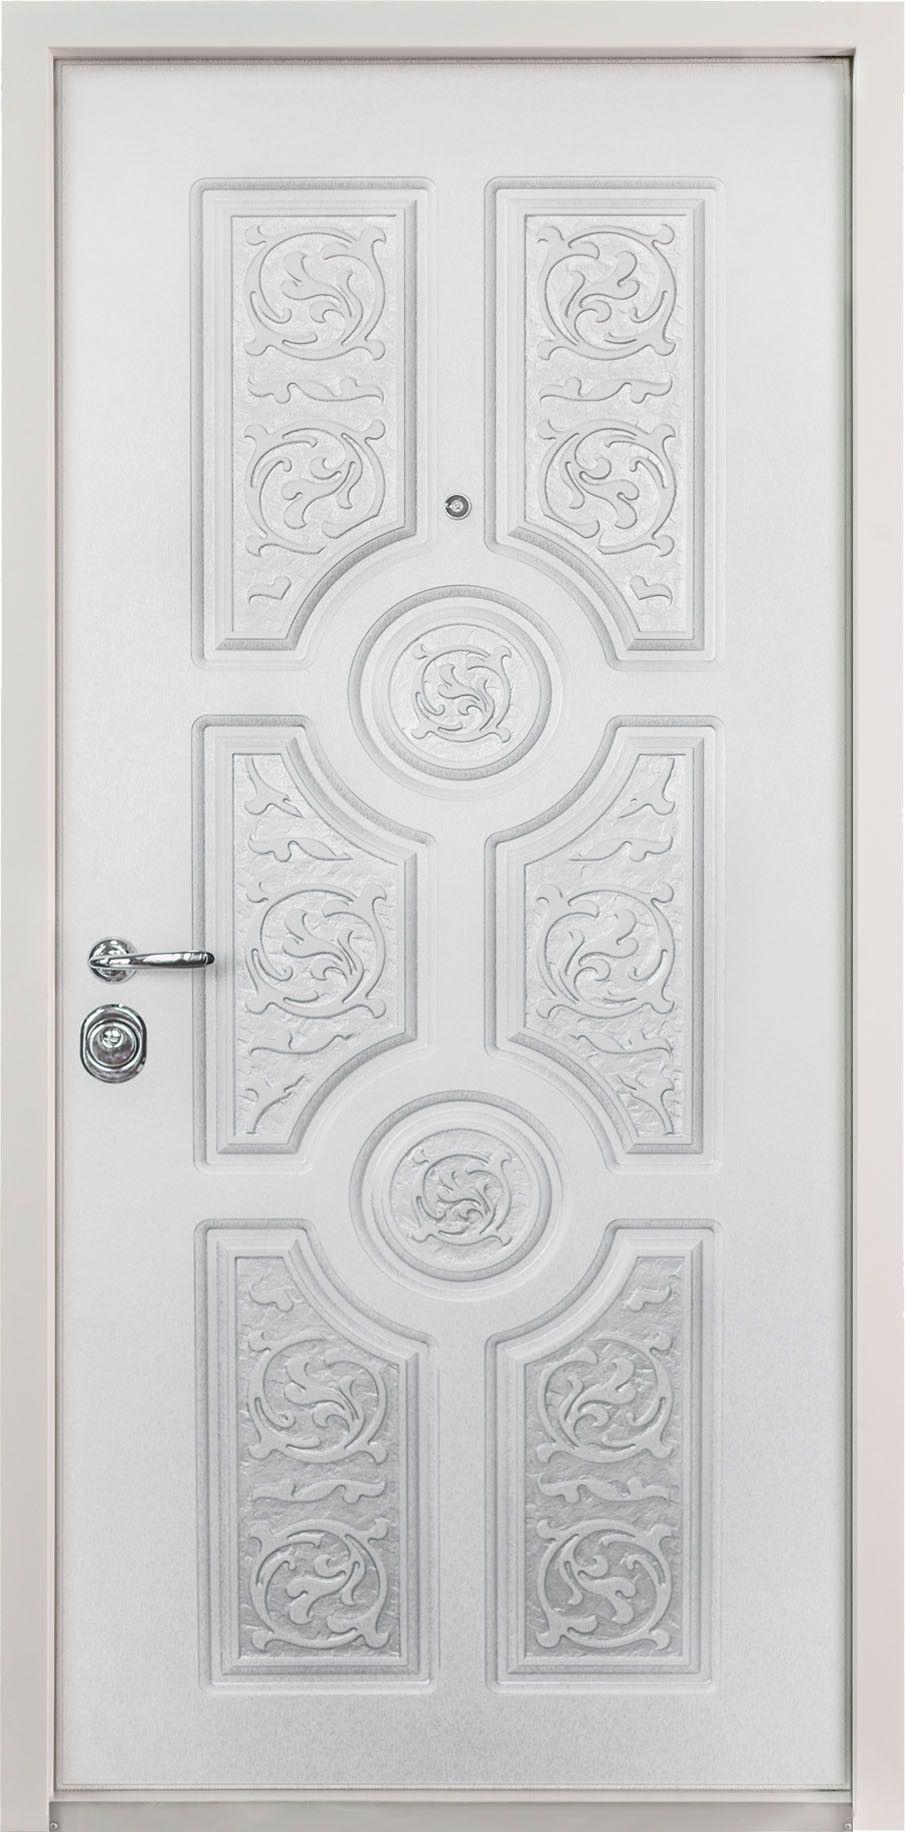 Versace - Exterior Door (Pre-hung Door Unit)  sc 1 st  Pinterest & Versace - Exterior Door (Pre-hung Door Unit) | Pinterest | Versace ...